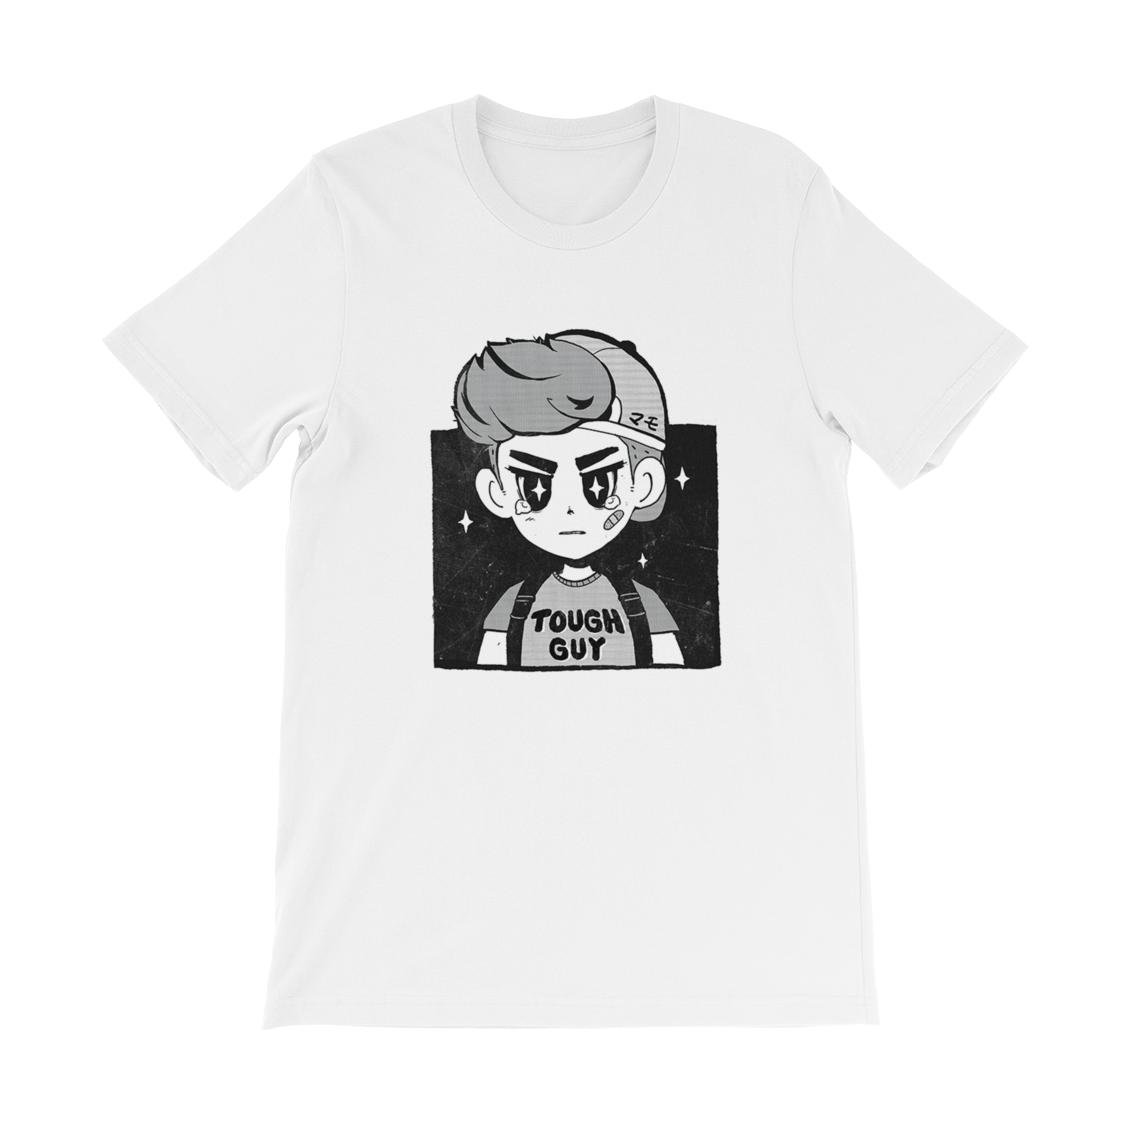 Tough Guy T Shirt Mamobot